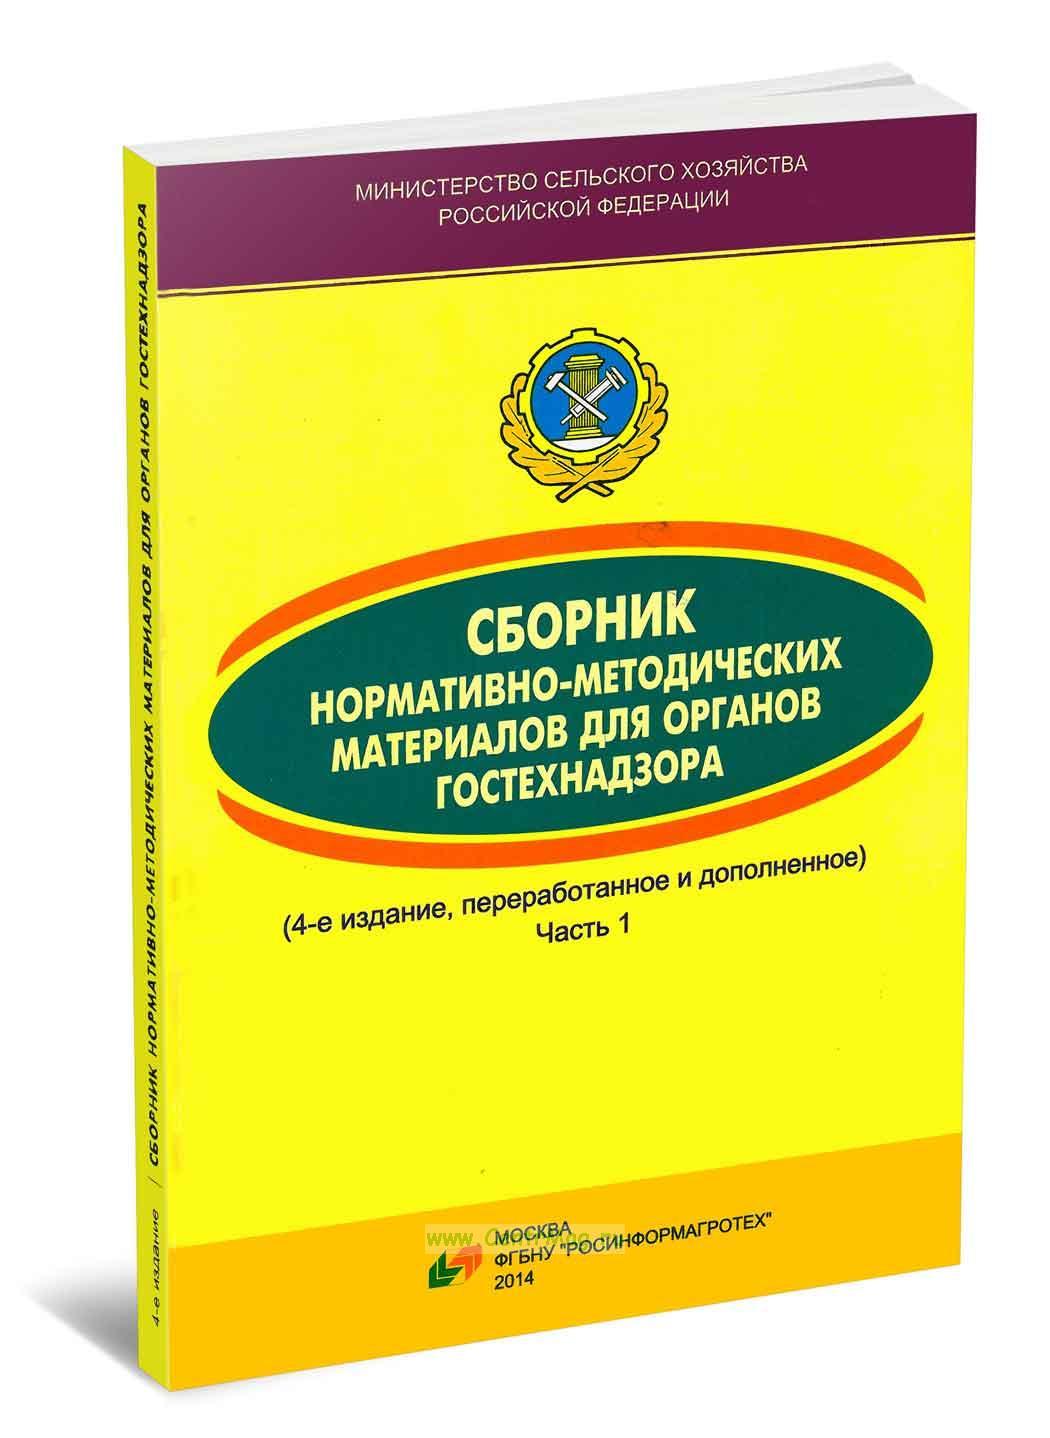 Сборник нормативно-методических материалов для органов гостехнадзора (4-е изд). Часть I-II